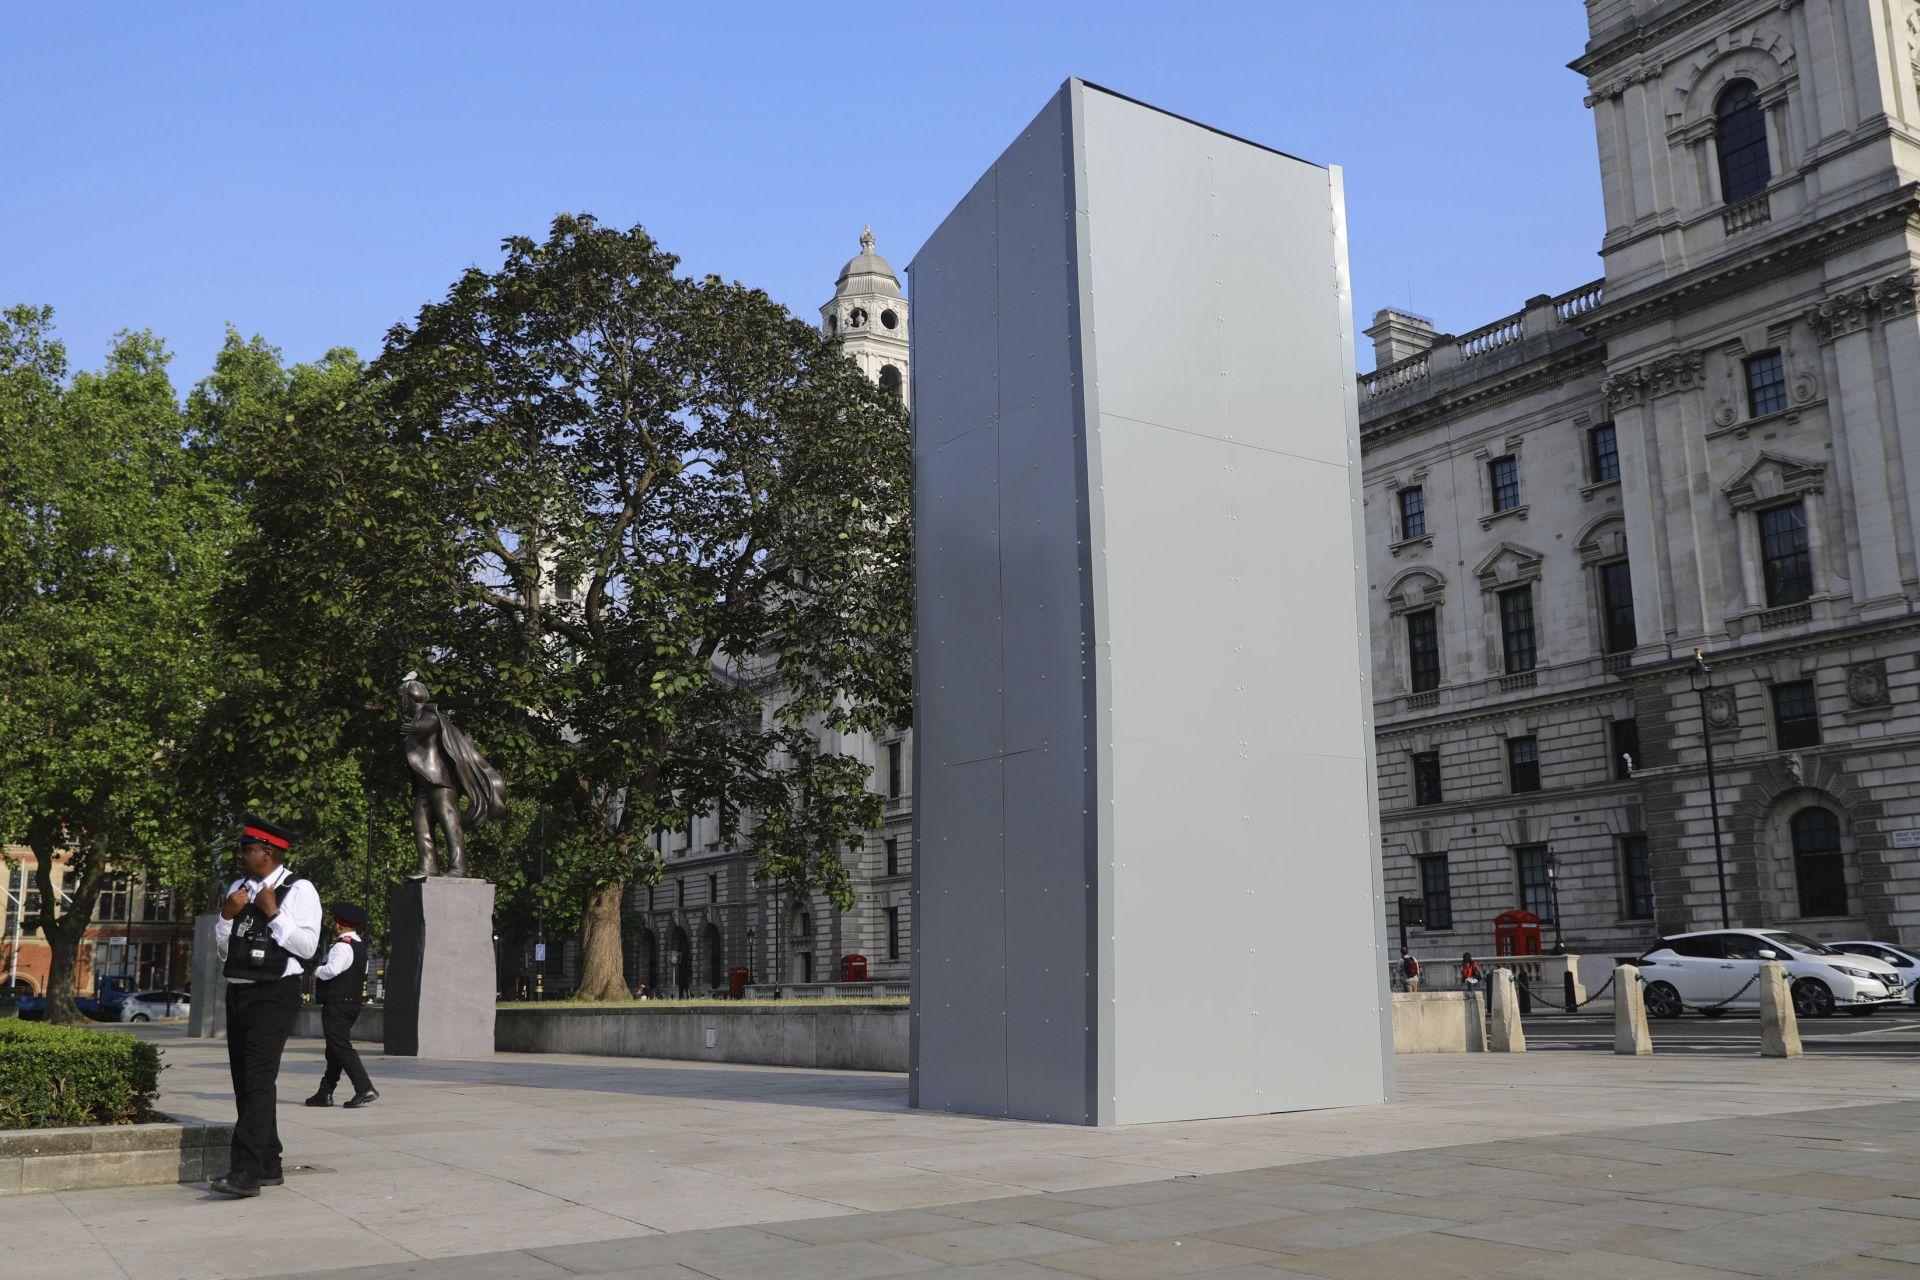 Монументът в памет на бившия премиер Уинстън Чърчил, който се намира в близост до Биг Бен и Уестминстърското абатство, беше подсигурен със защитни елементи, за да не бъде вандализиран.